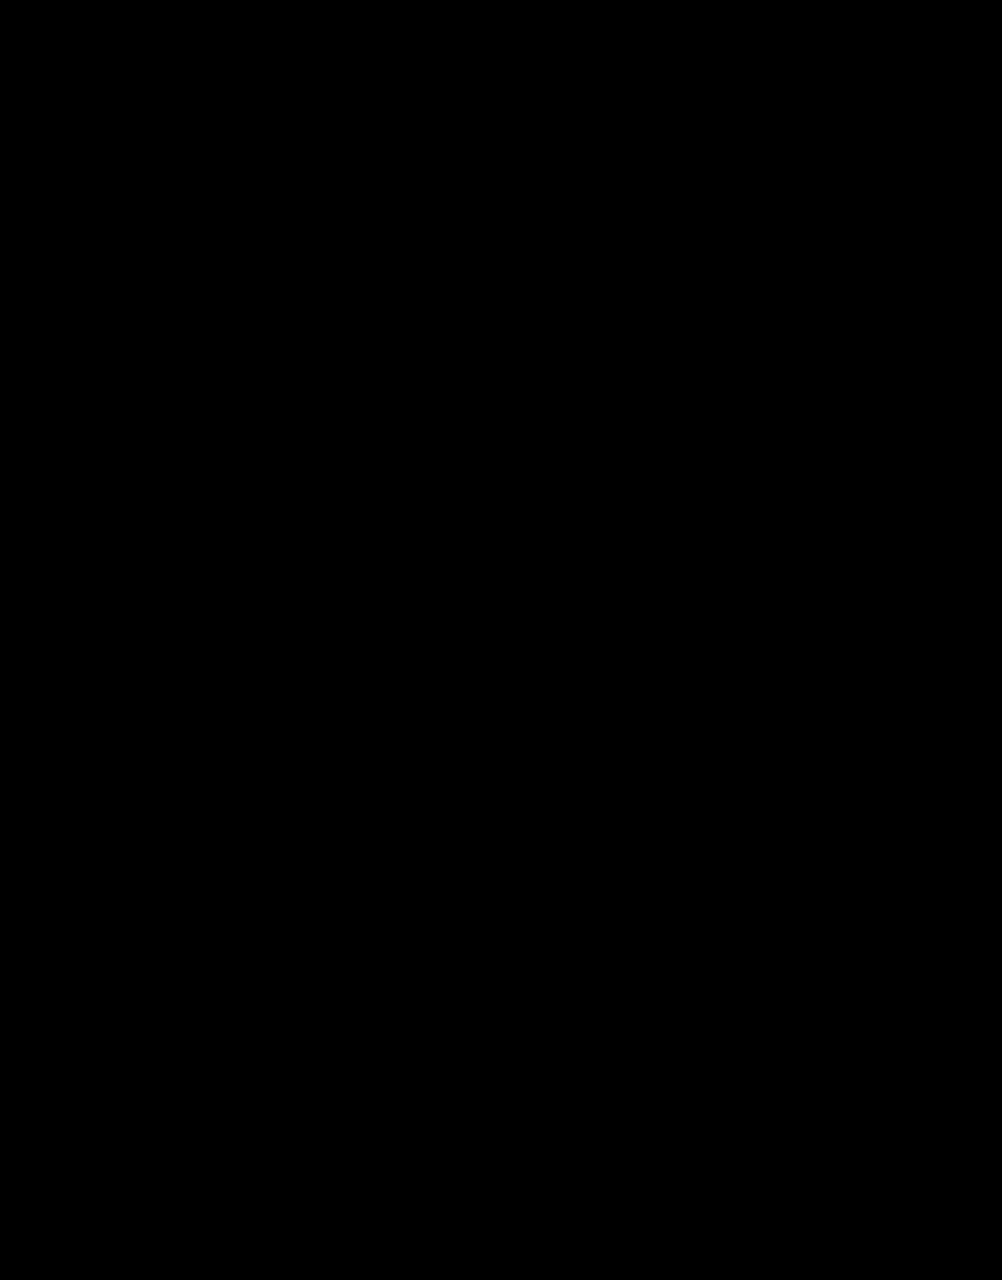 トップページ | オリジナル コアラのマーチ